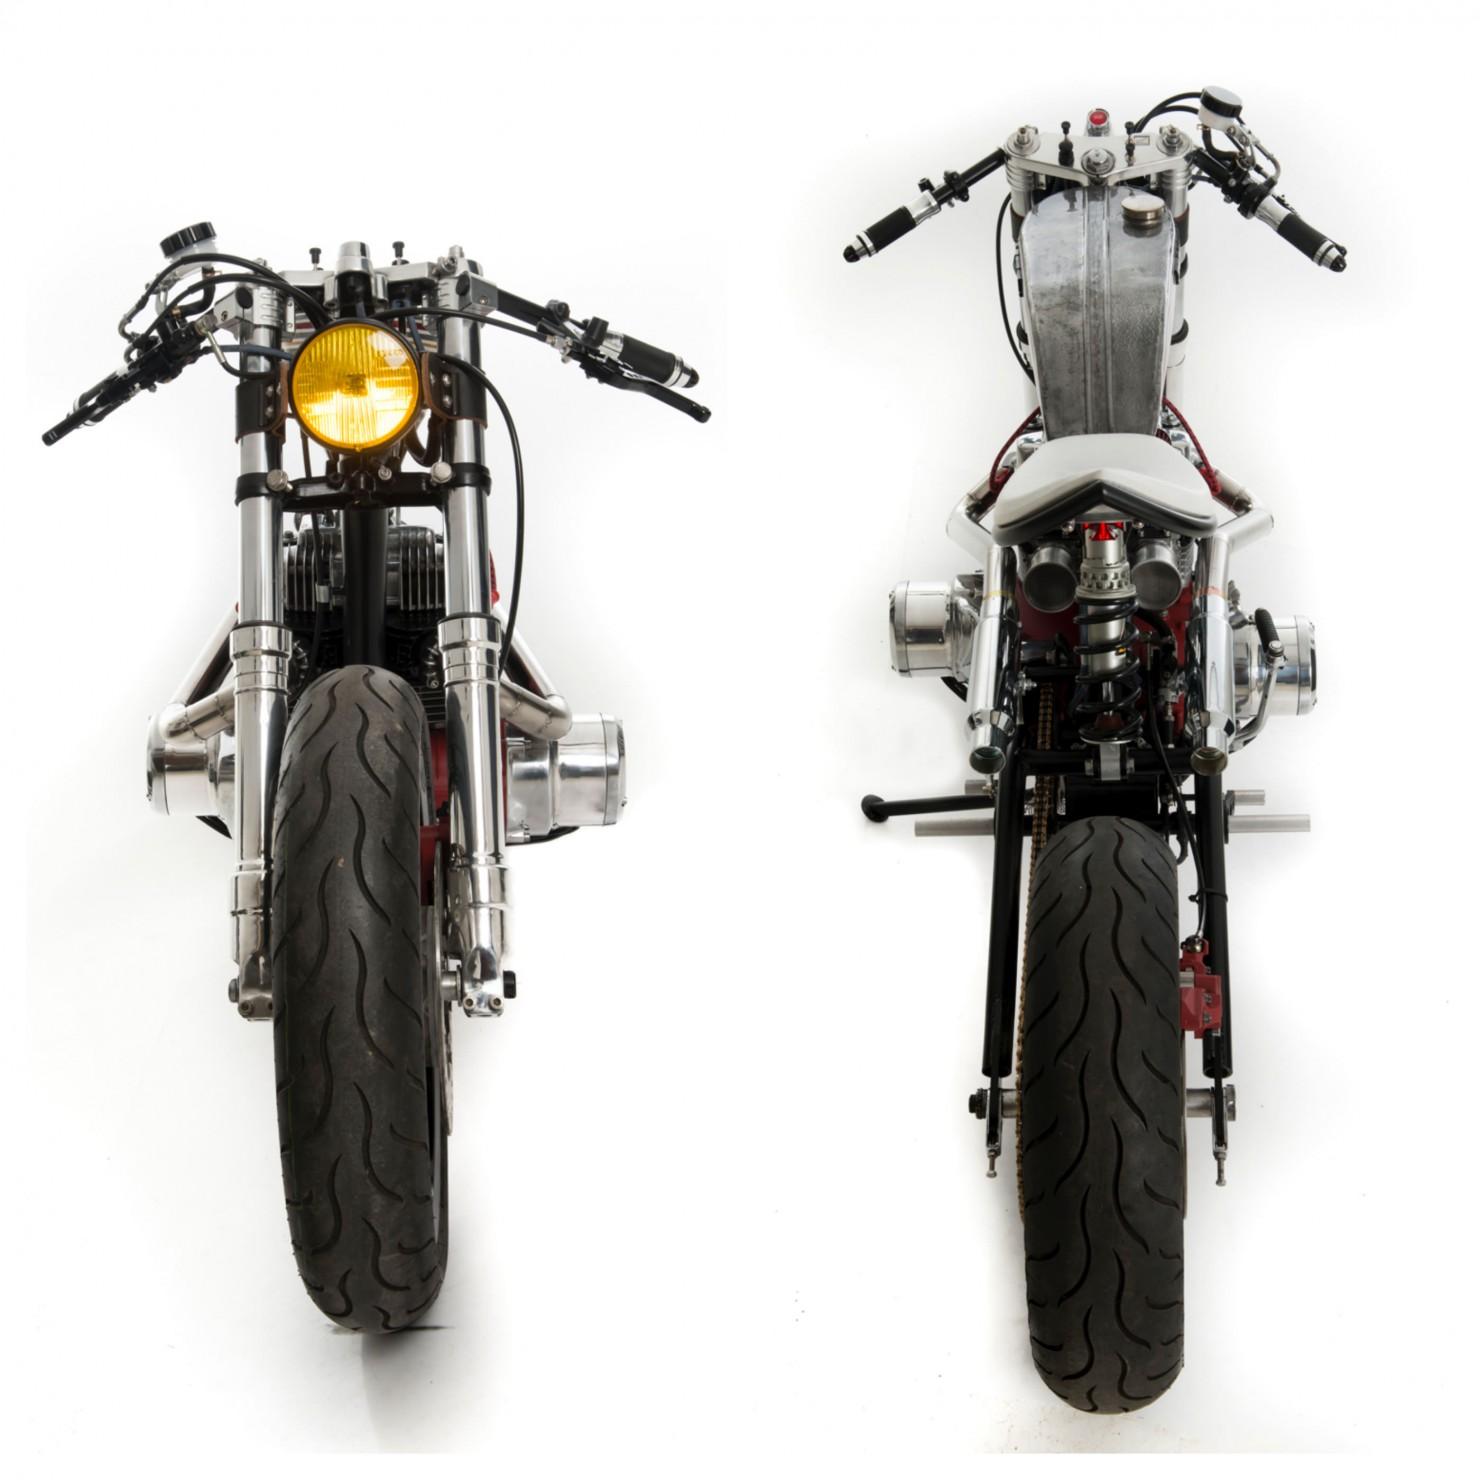 Honda CBN 400 2 1480x1480 Honda CBN400 by Ed Turner Motorcycles